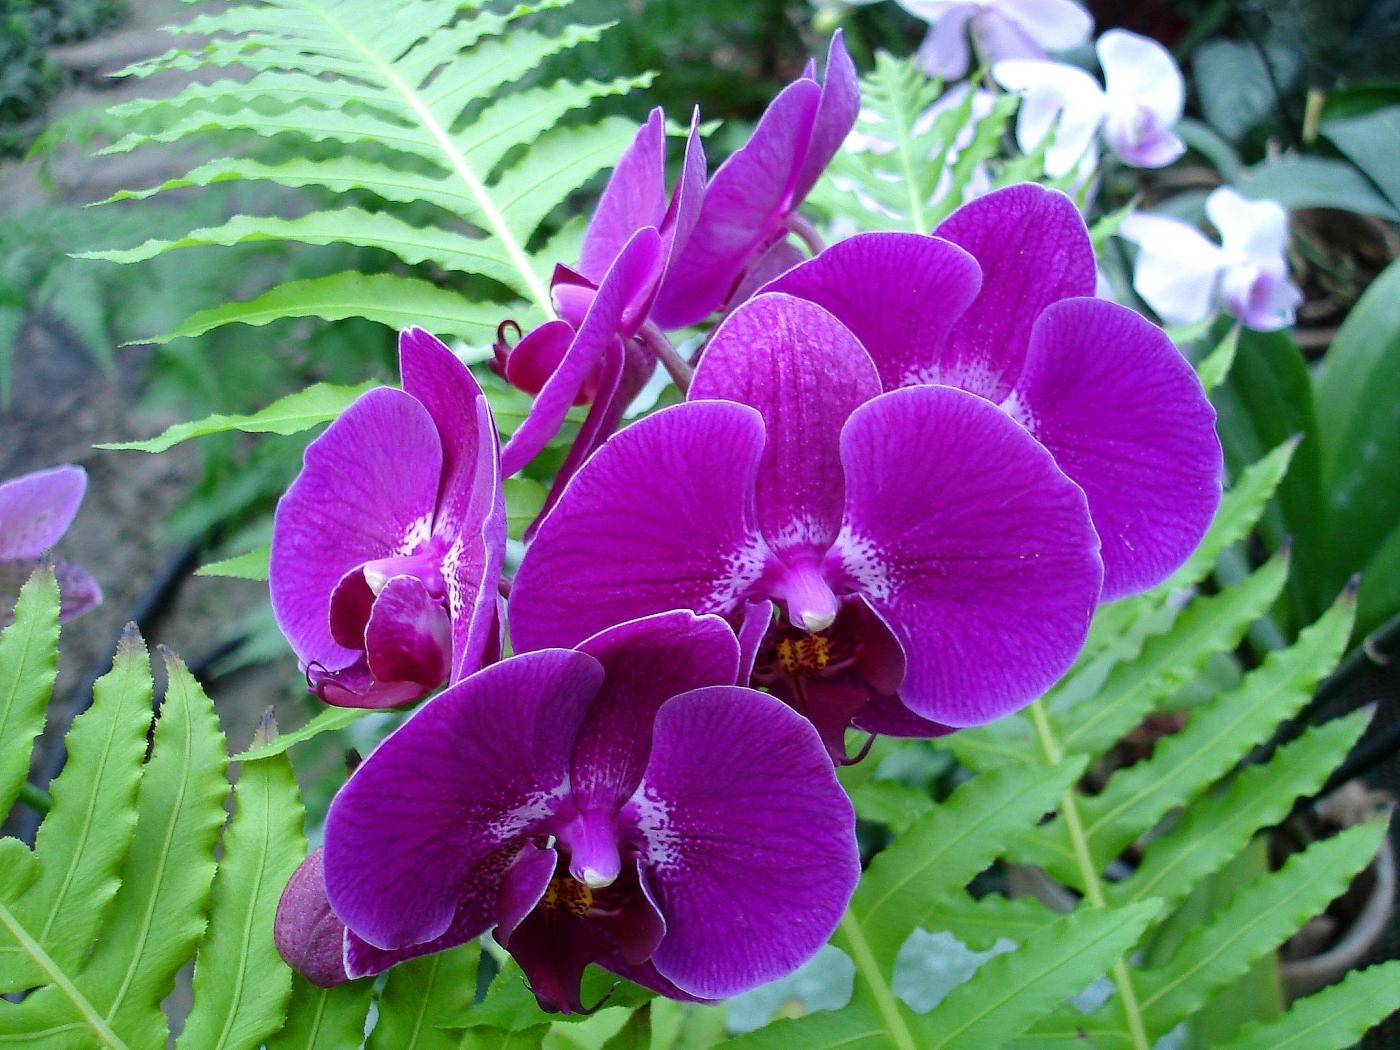 29539 скачать Фиолетовые обои на телефон бесплатно, Растения, Цветы Фиолетовые картинки и заставки на мобильный